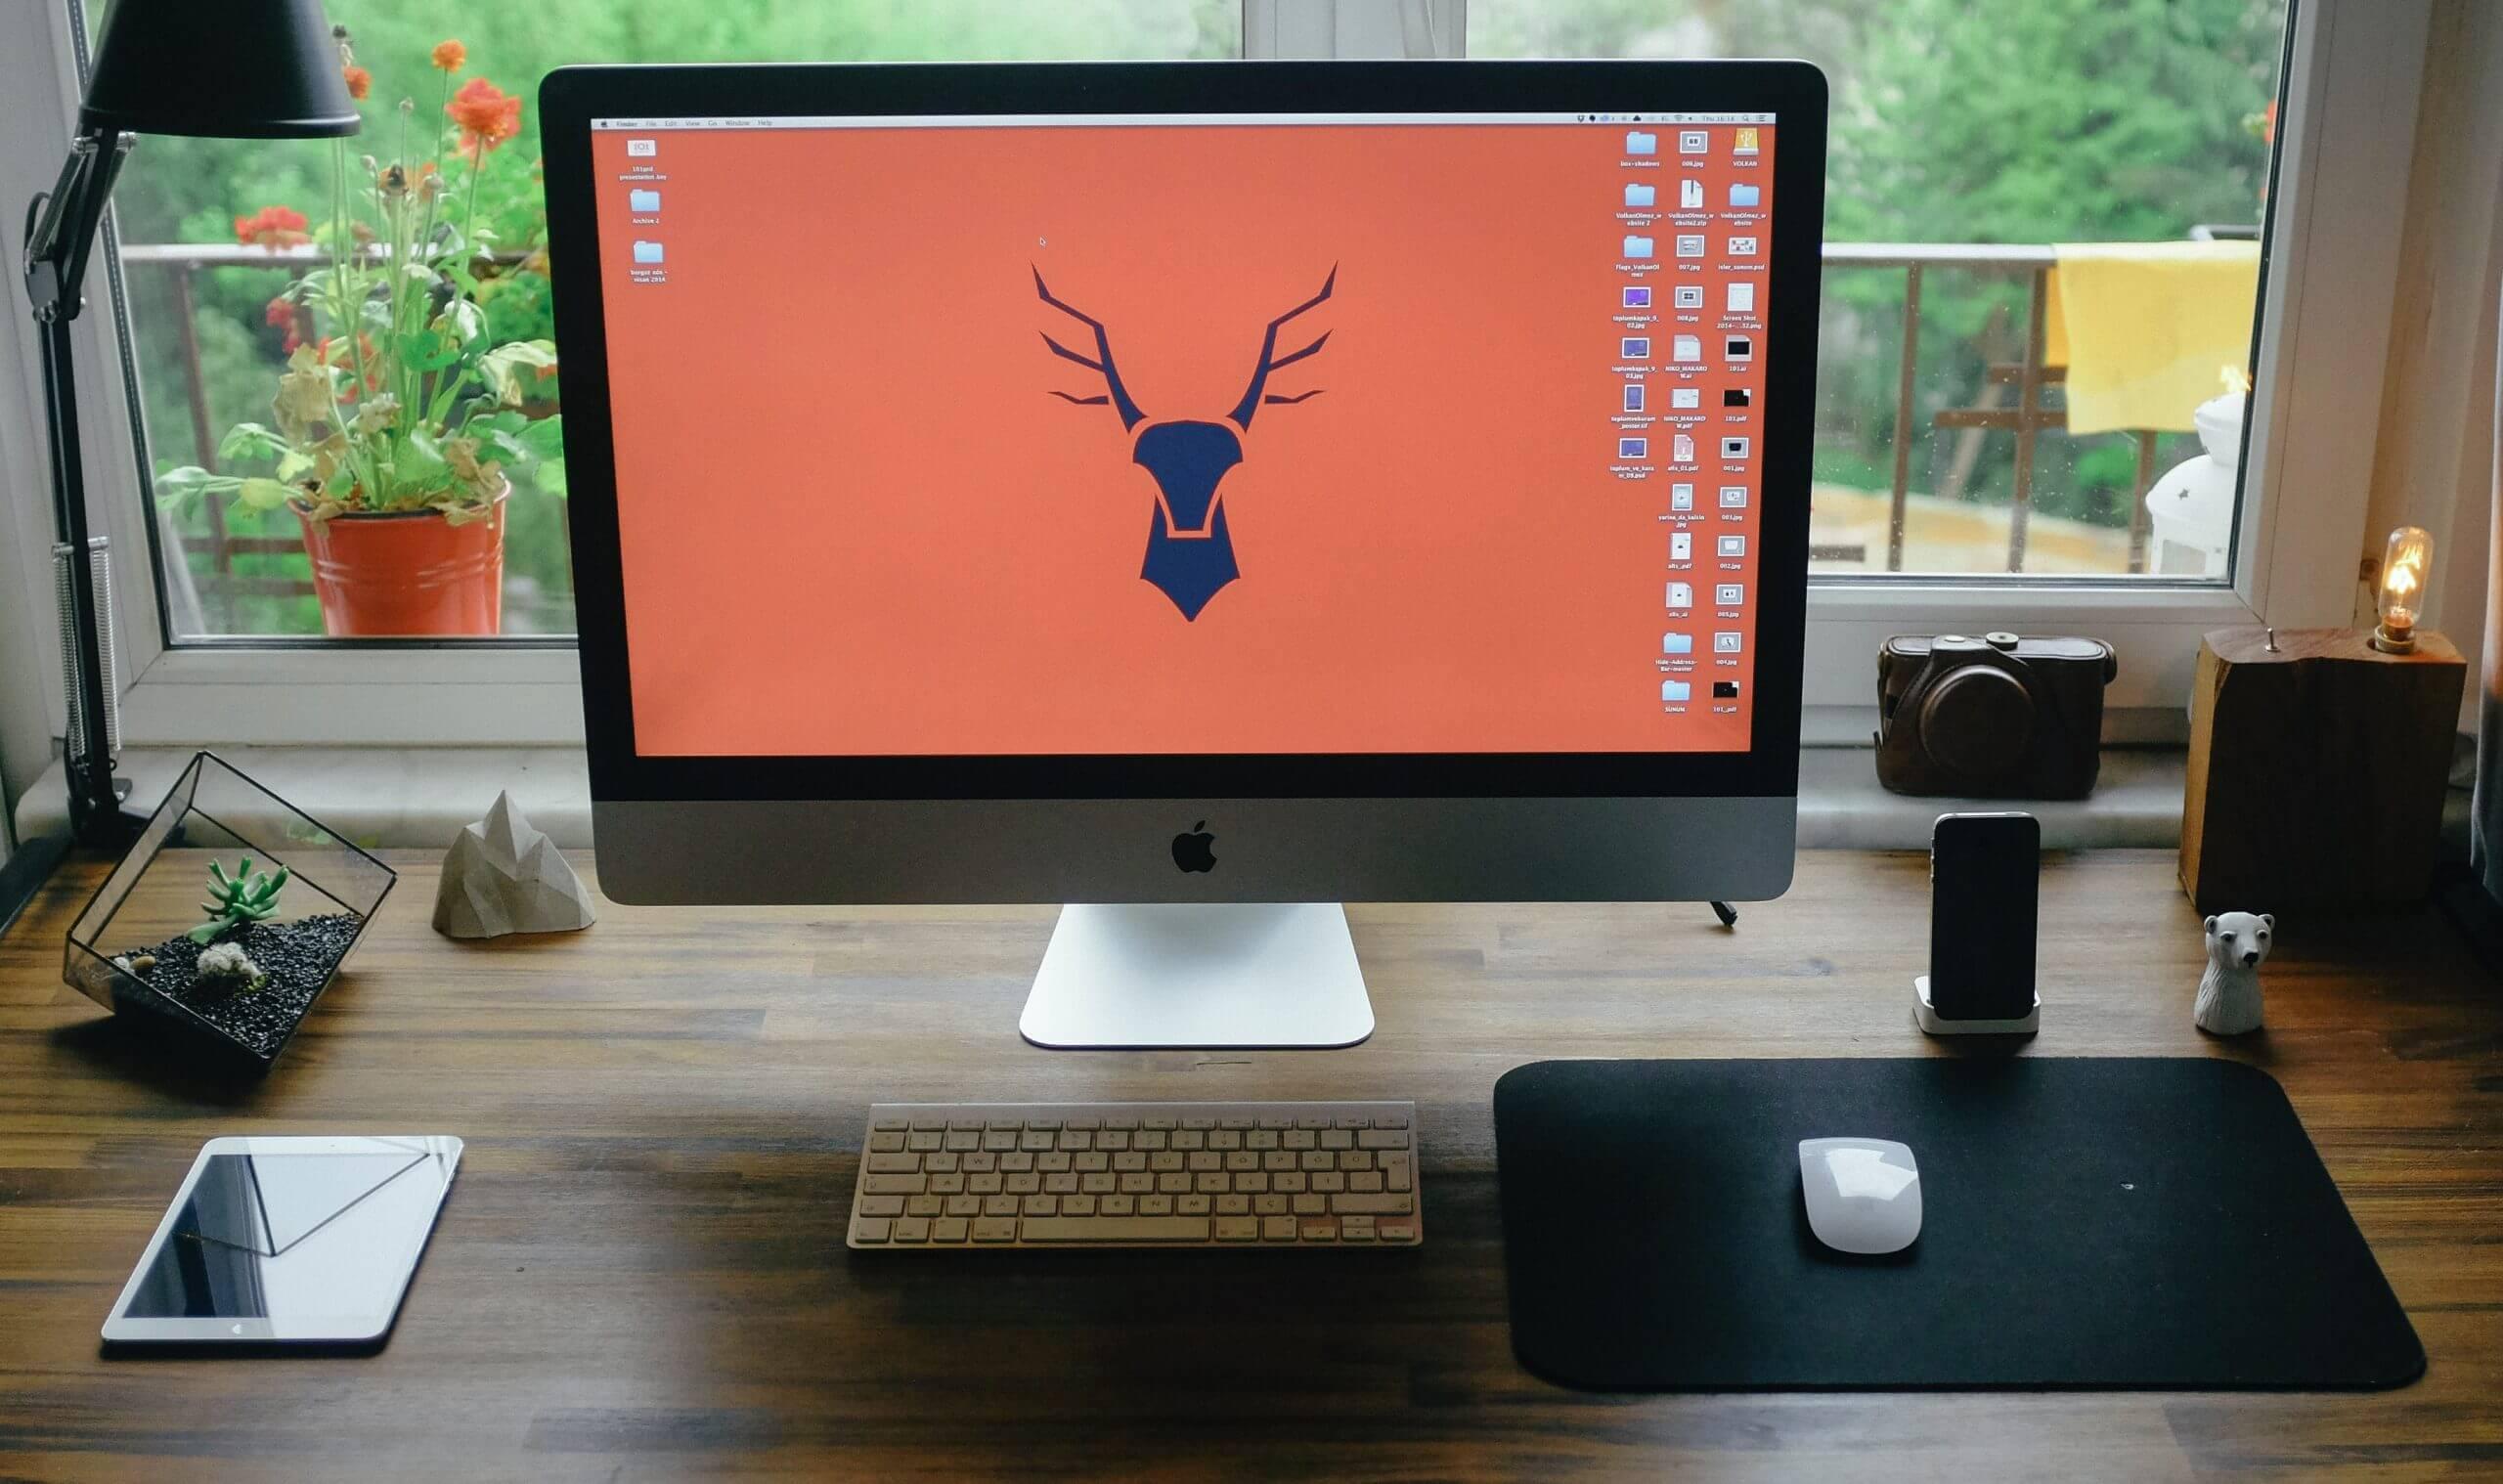 Logo tête de cerf sur l'écran d'un ordinateur posé sur un bureau